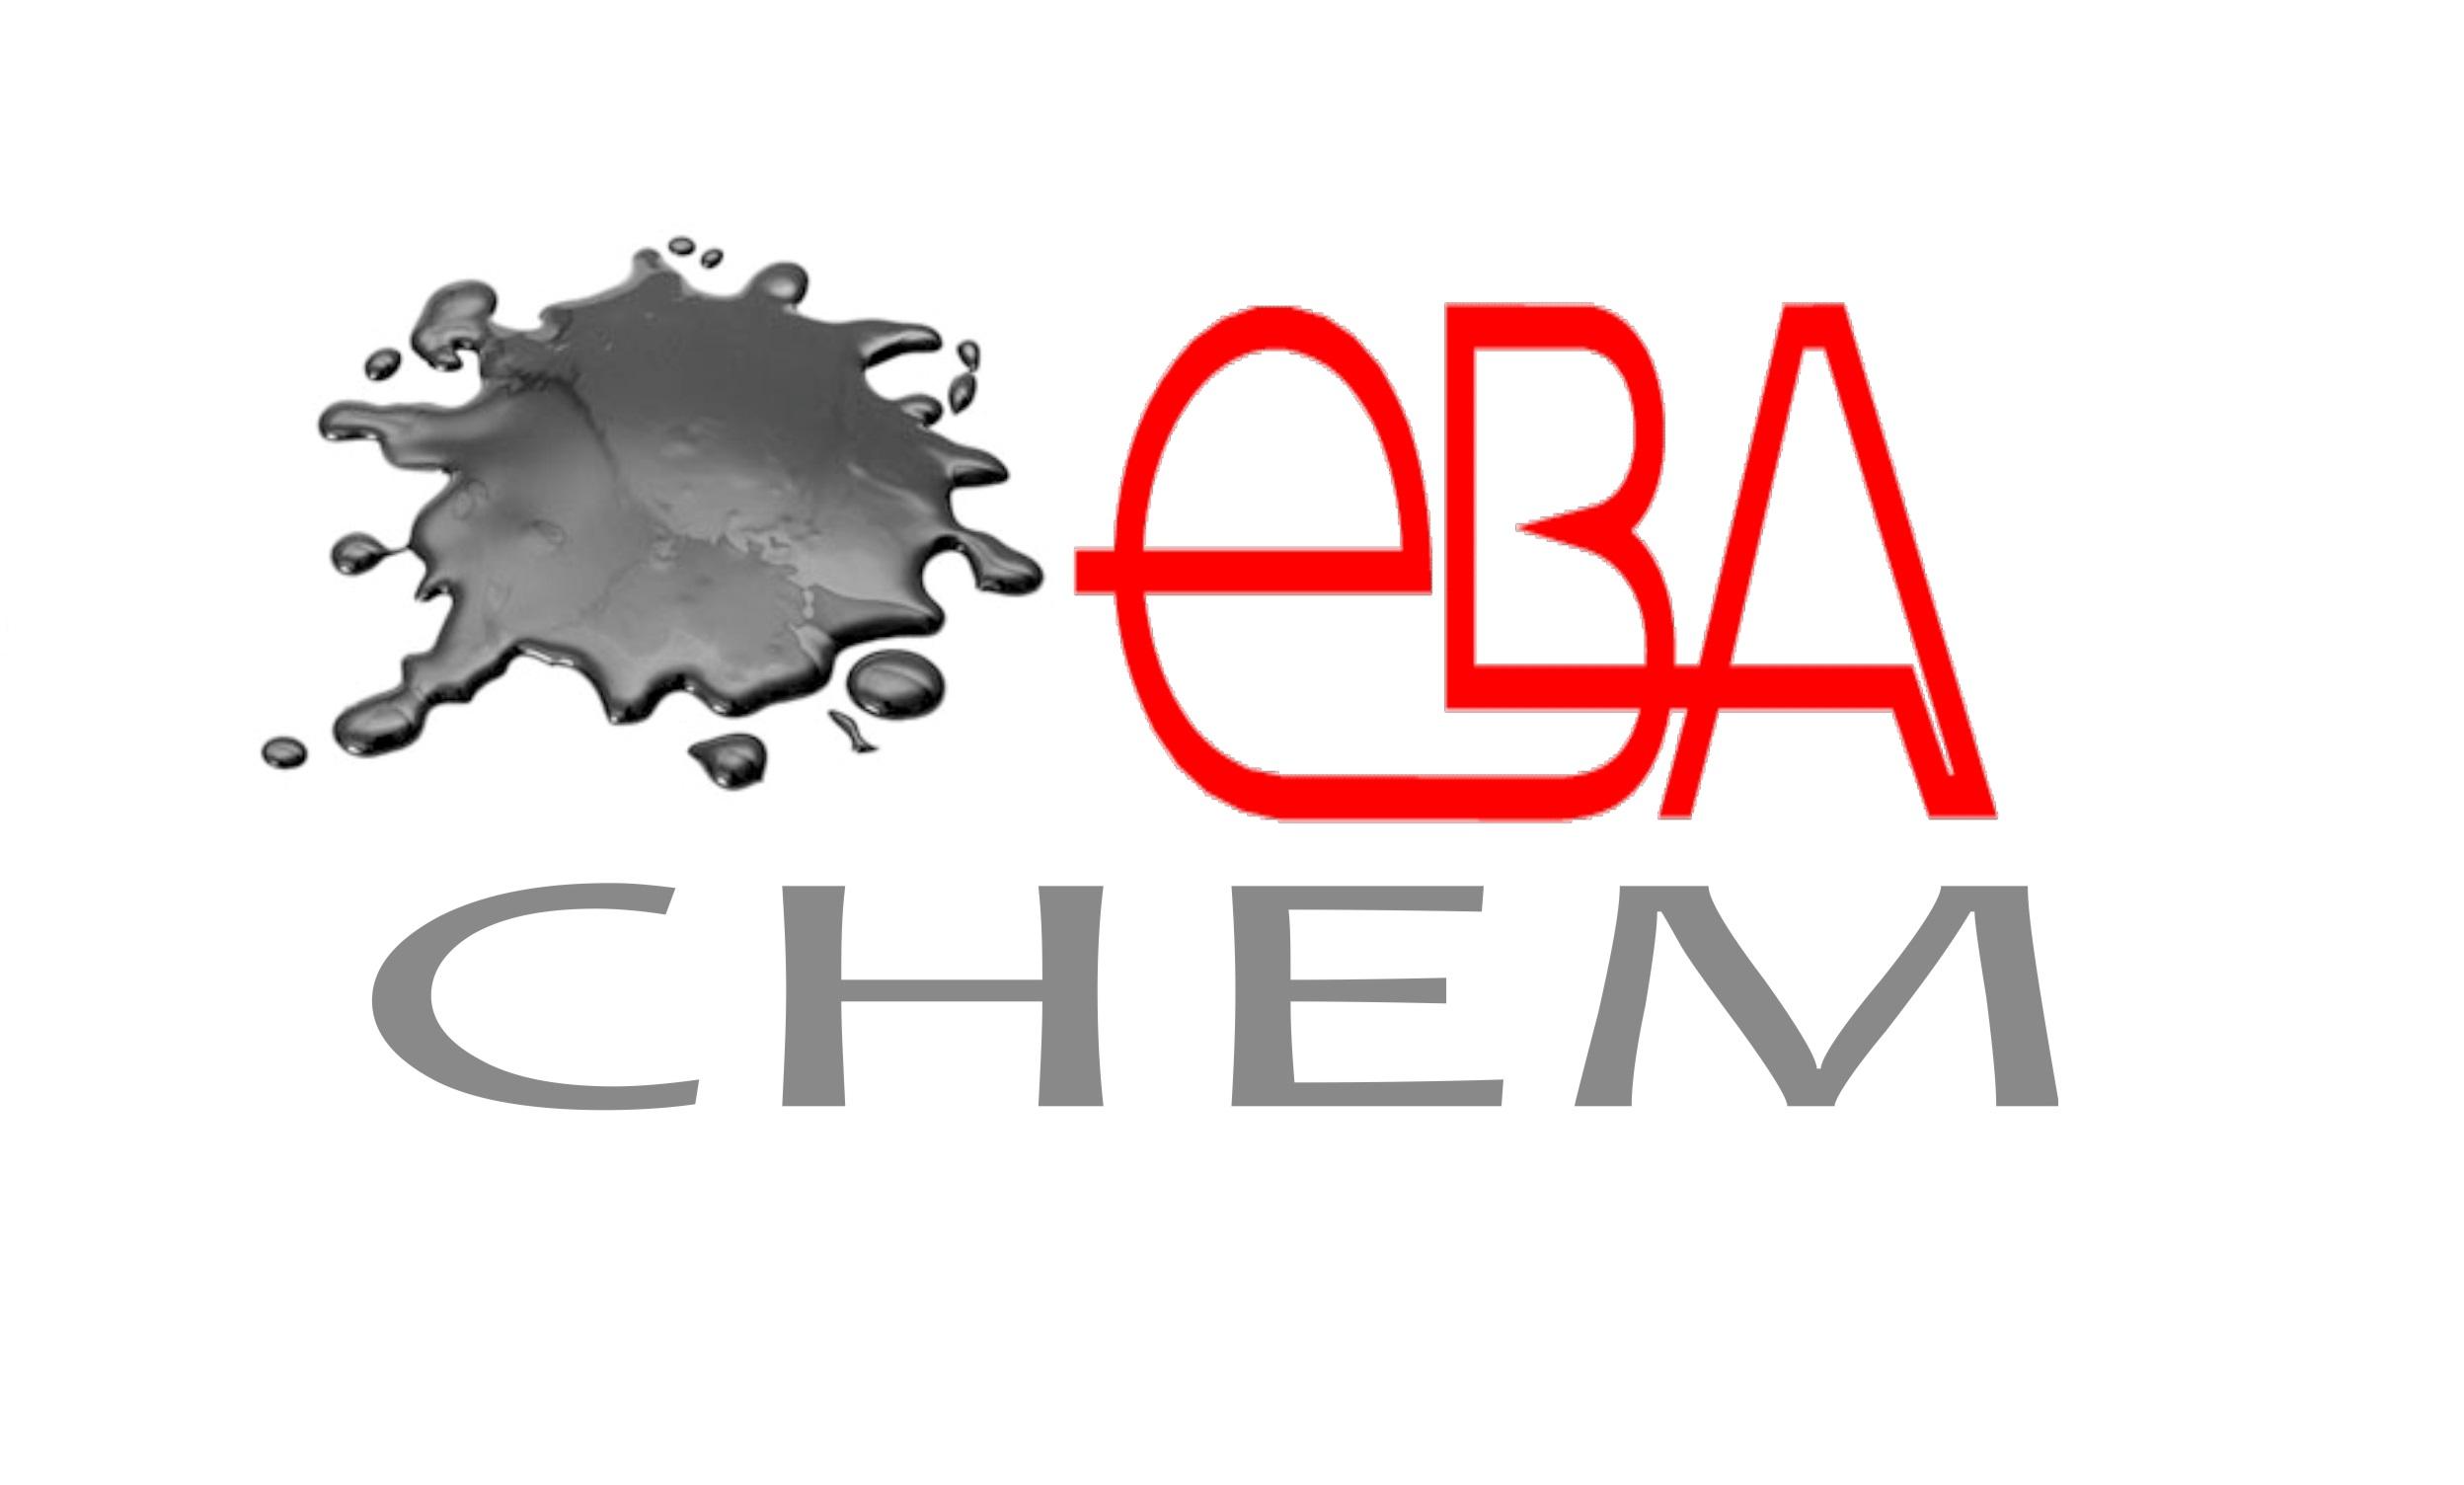 Разработка логотипа и фирменного стиля компании фото f_839572a30bf3431e.jpg